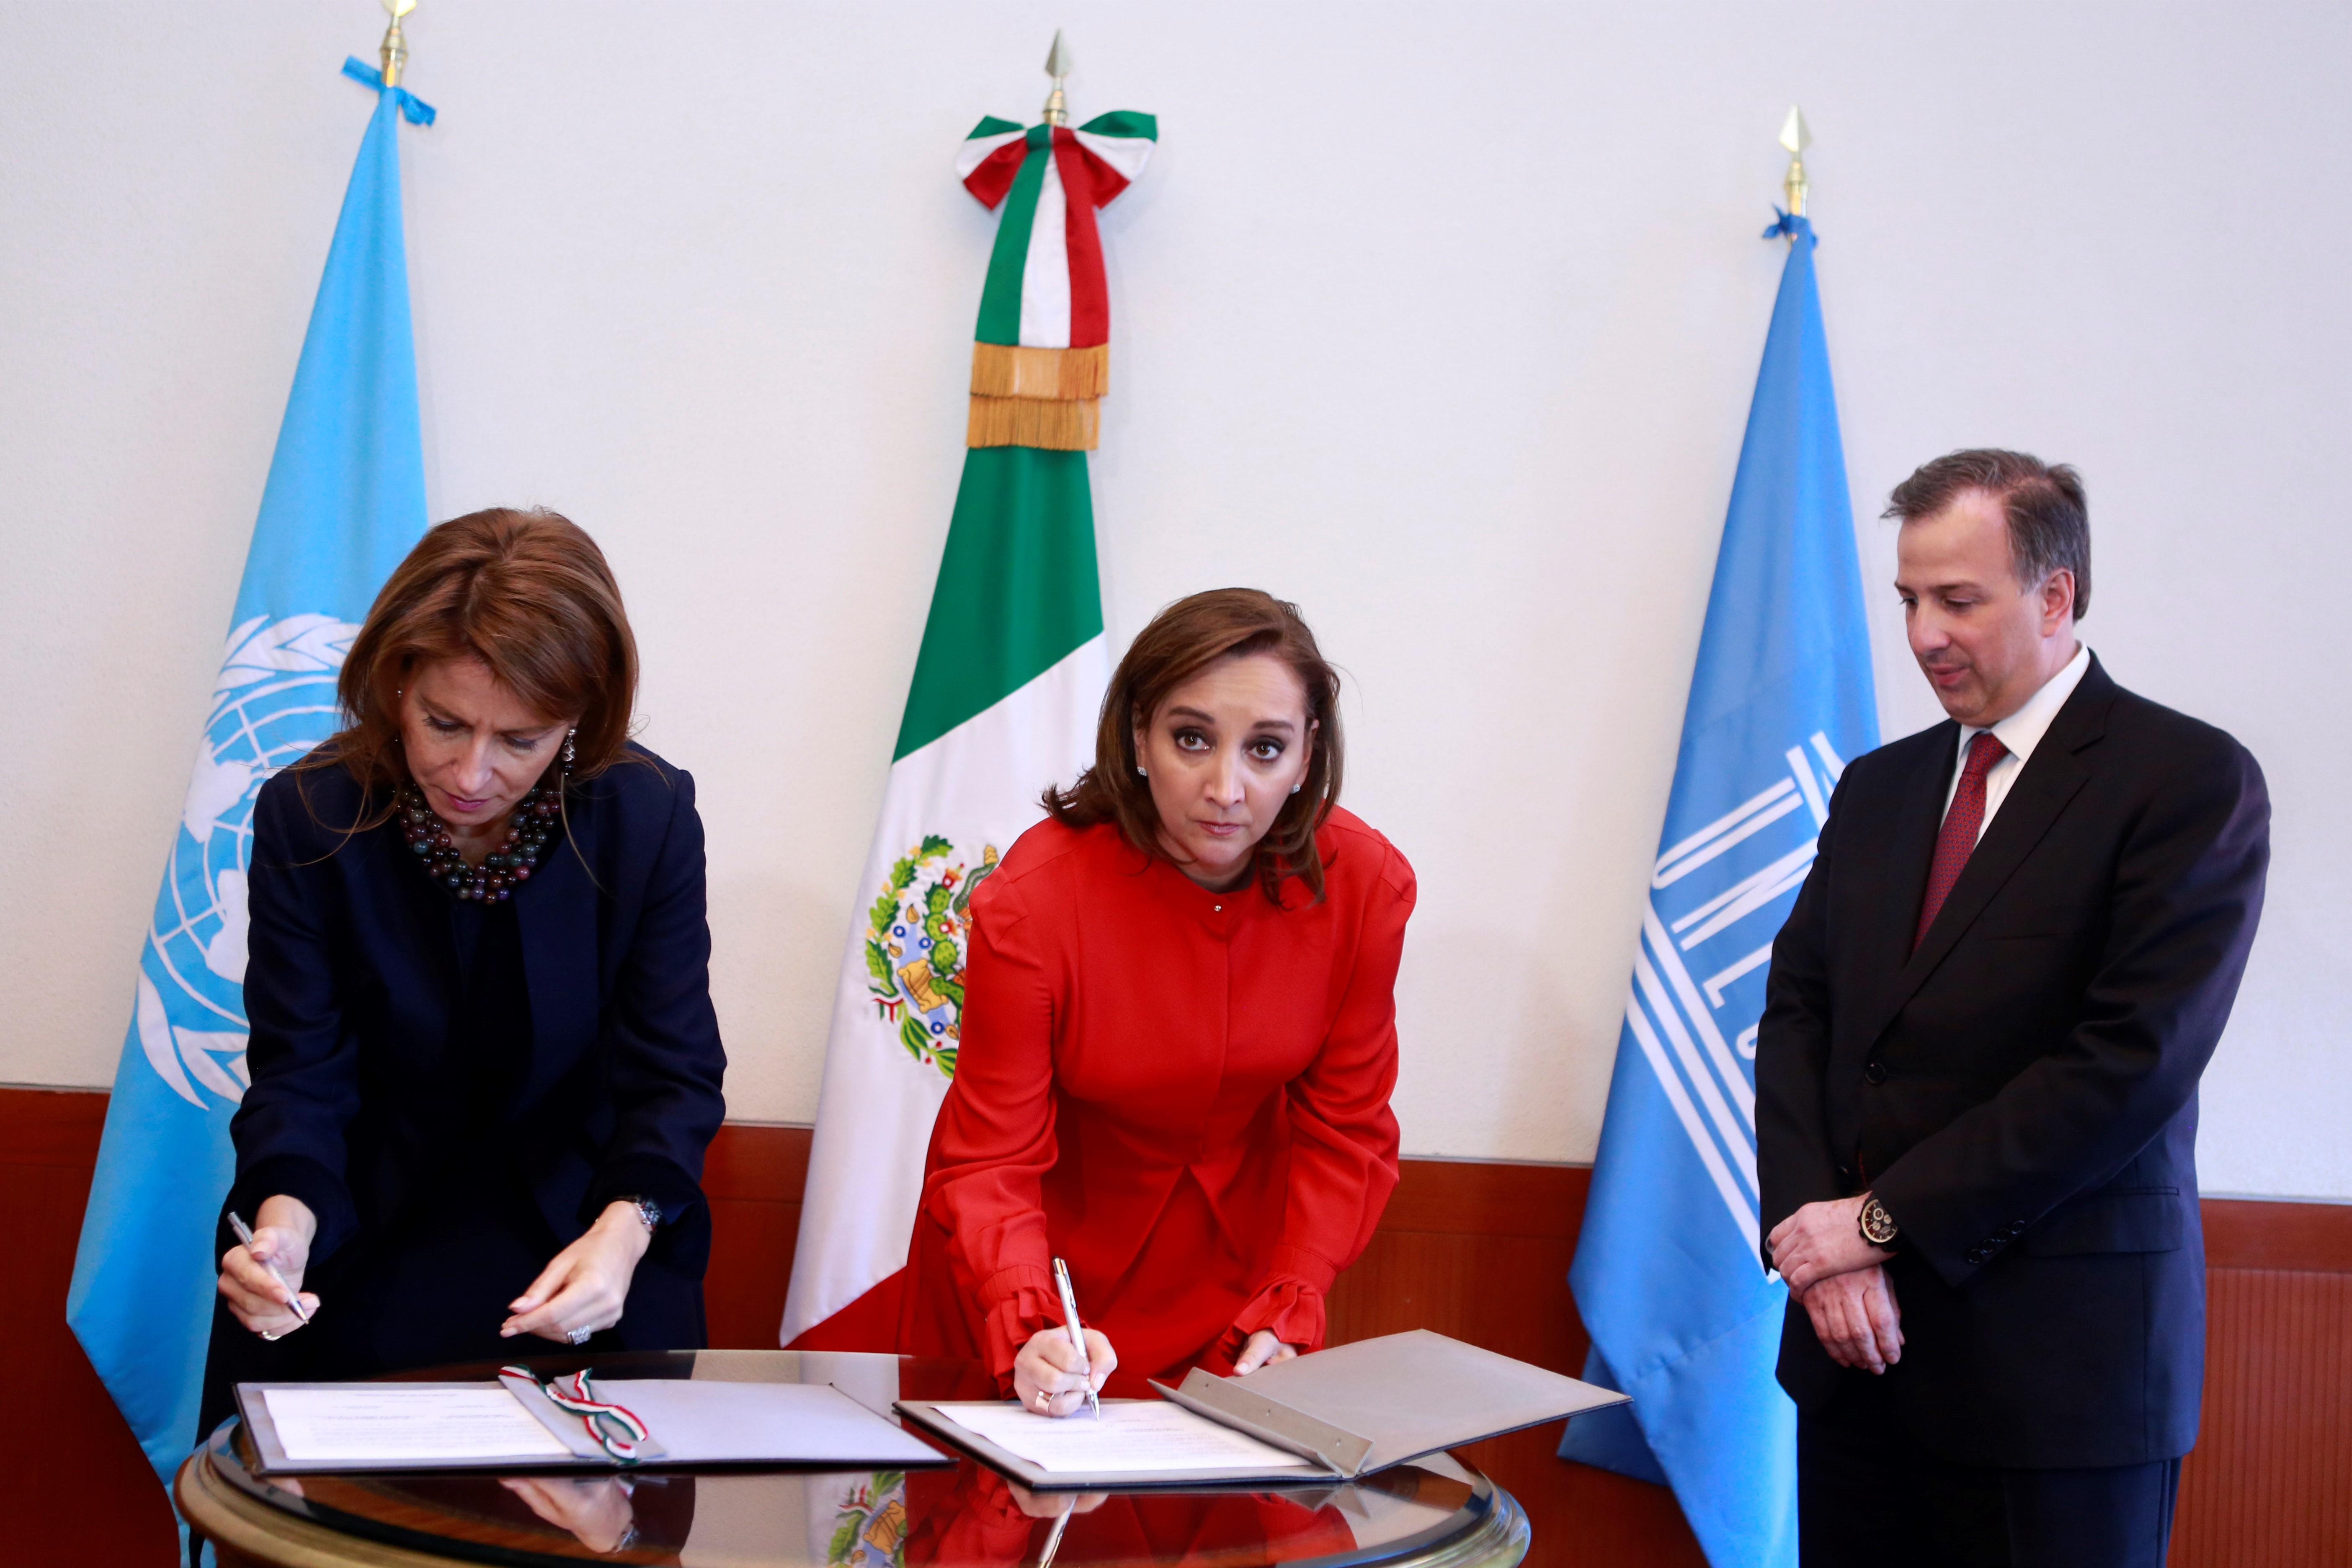 sectur unesco firman acuerdo impulso turismojpg